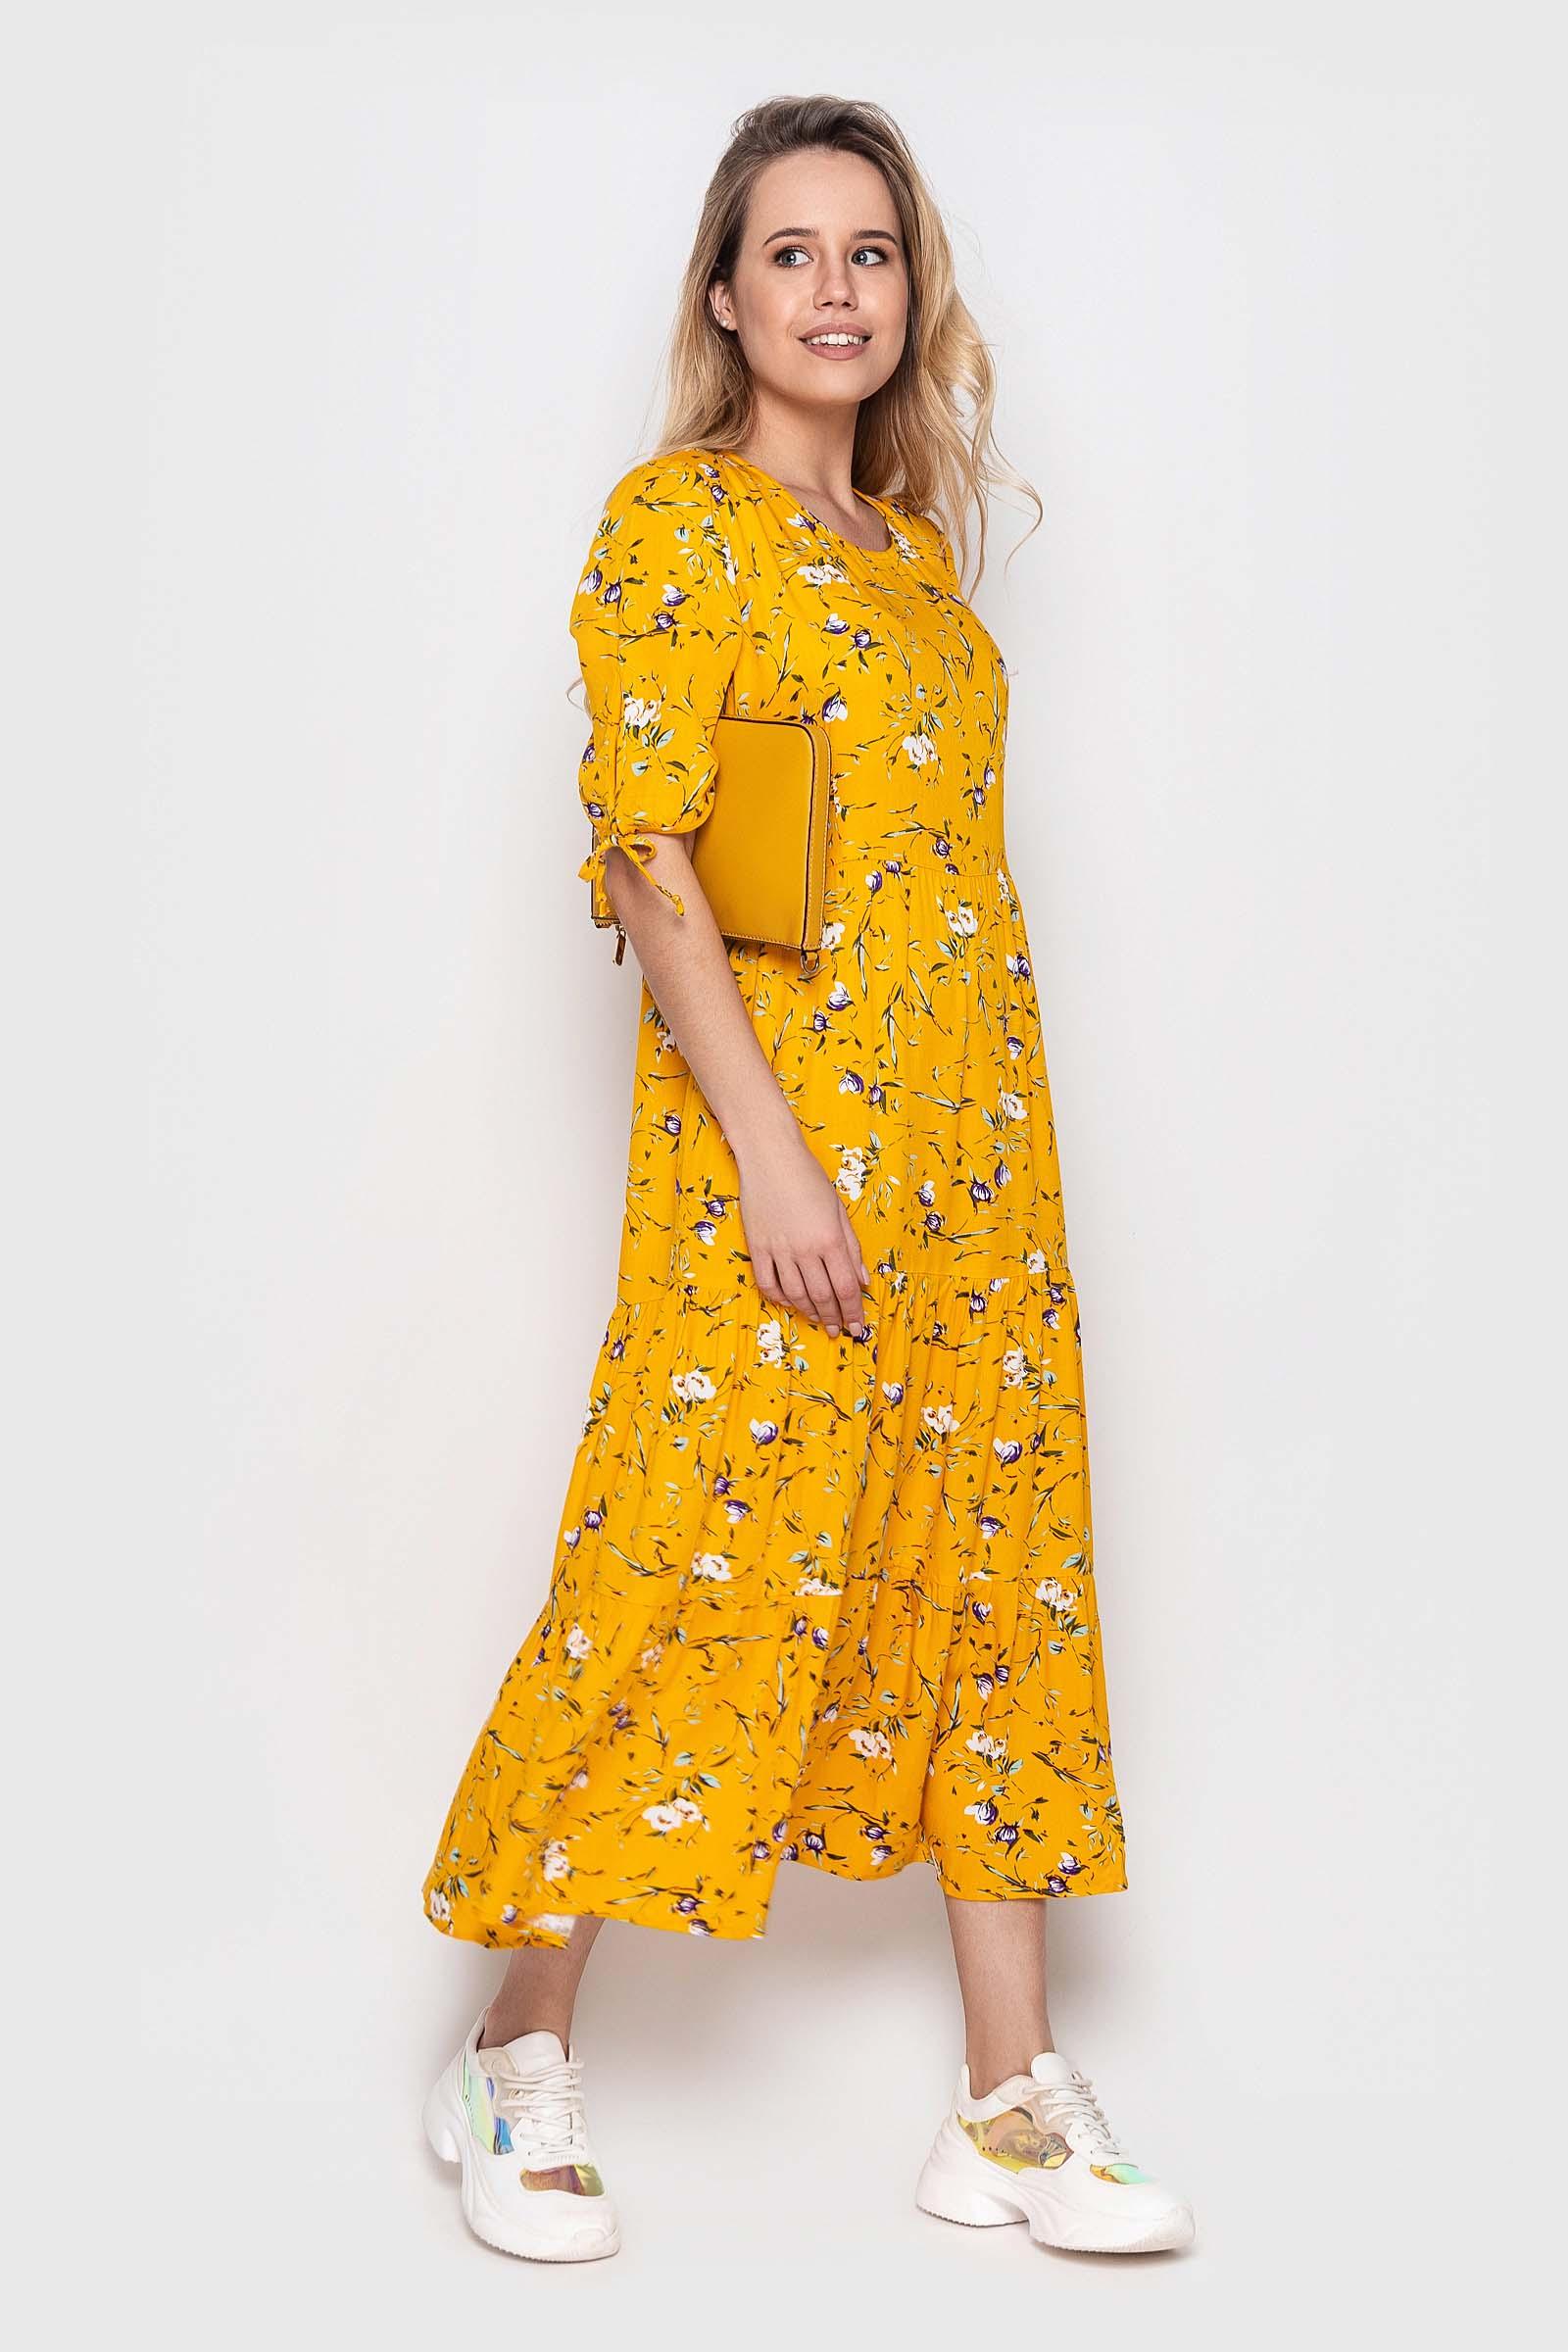 2021 04 10 poltava31905 Купить платье